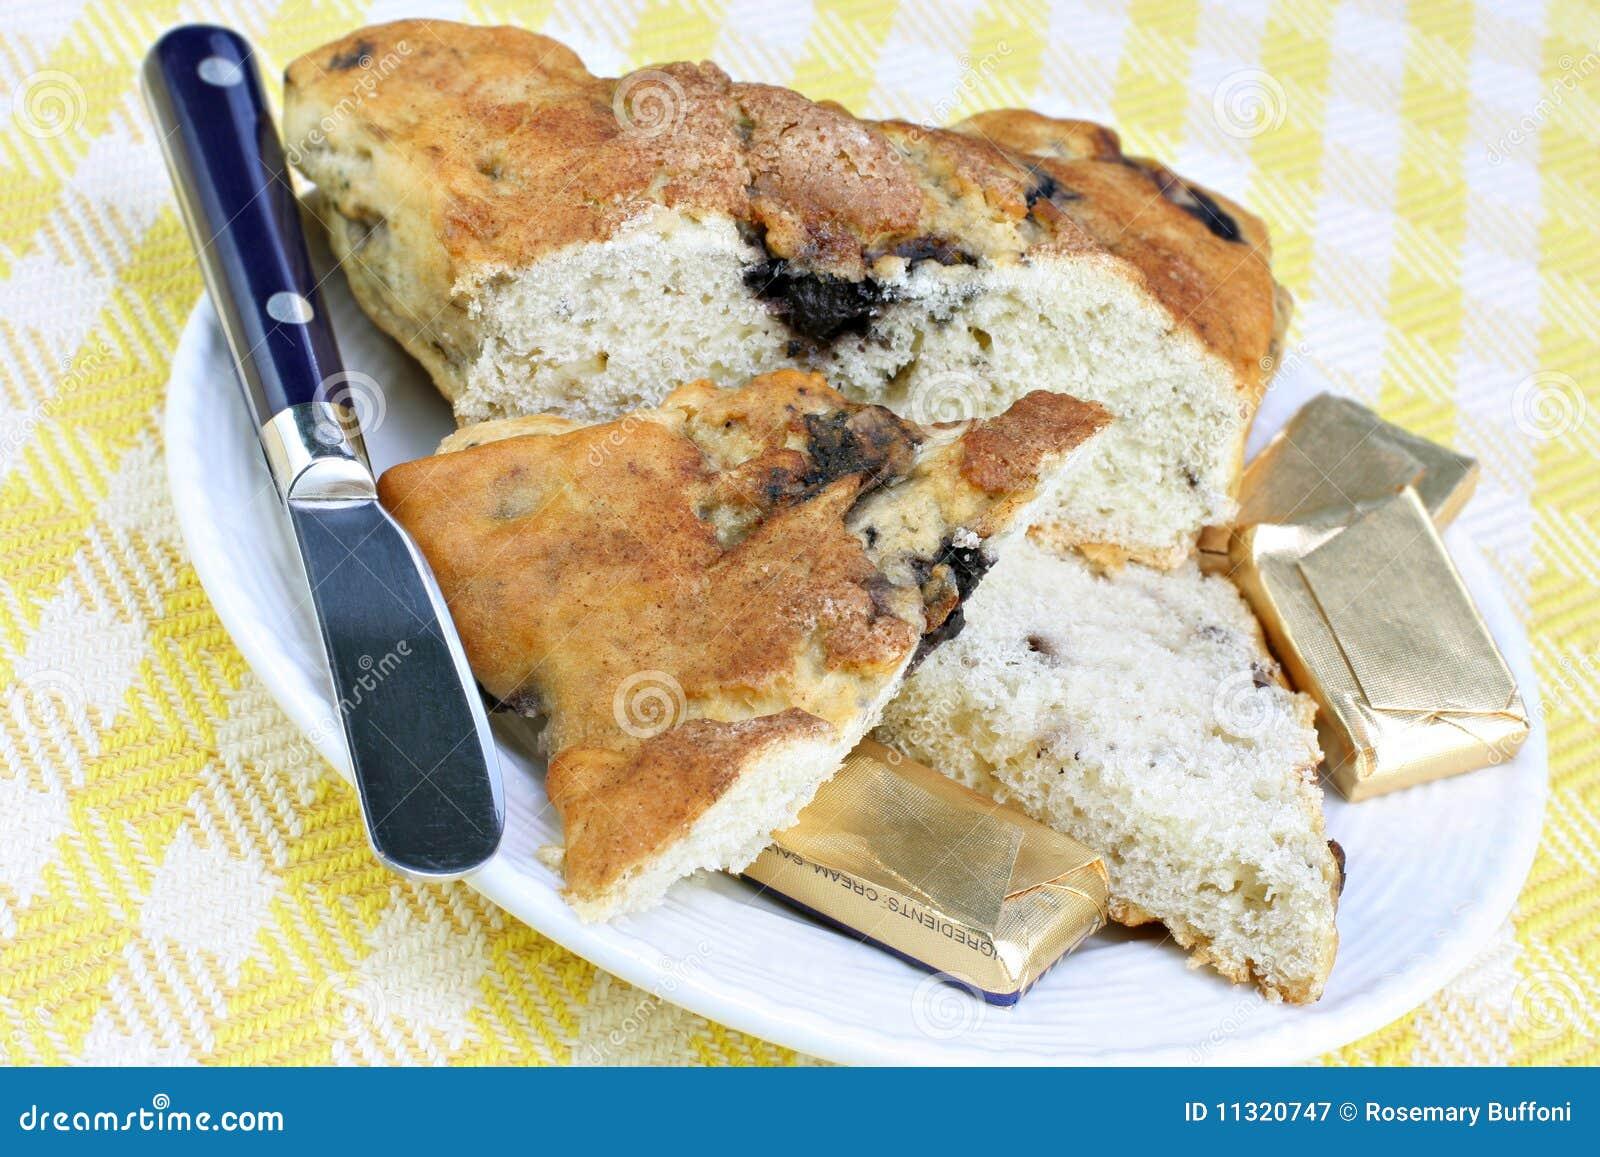 Geschnittener Blaubeere-Scone mit Butter auf der Seite.